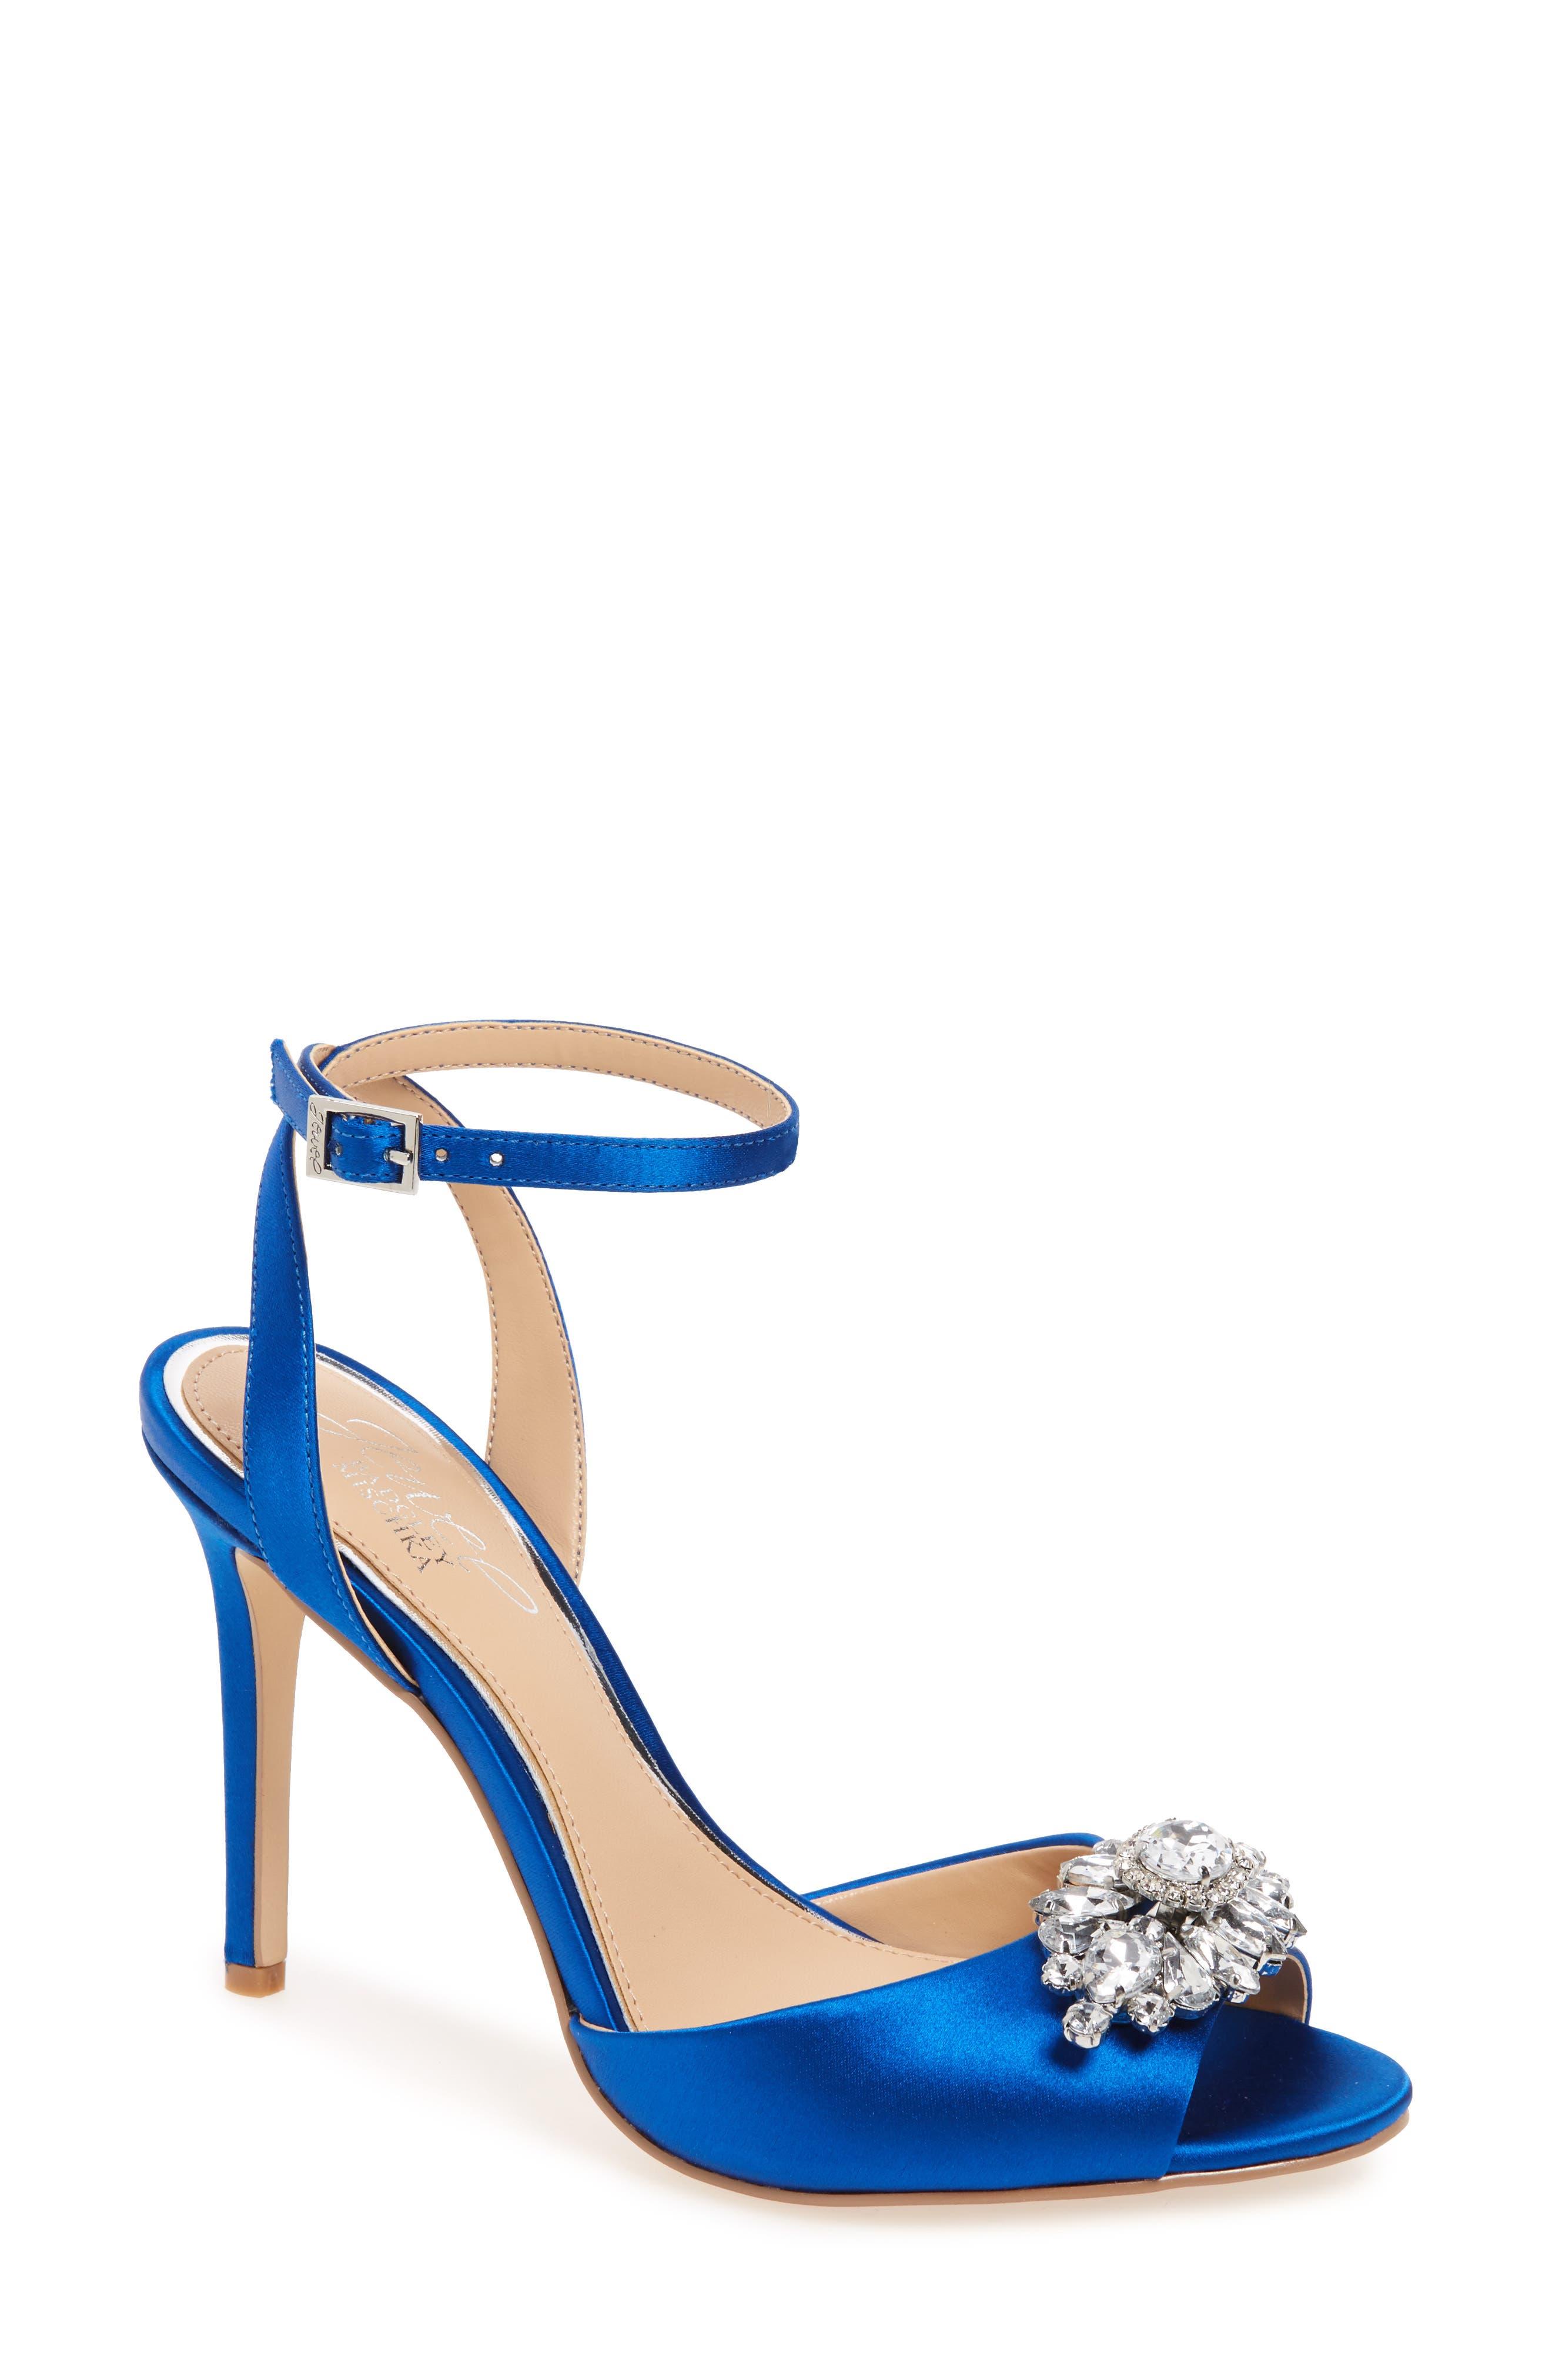 Hayden Embellished Ankle Strap Sandal,                             Main thumbnail 1, color,                             Blue Satin